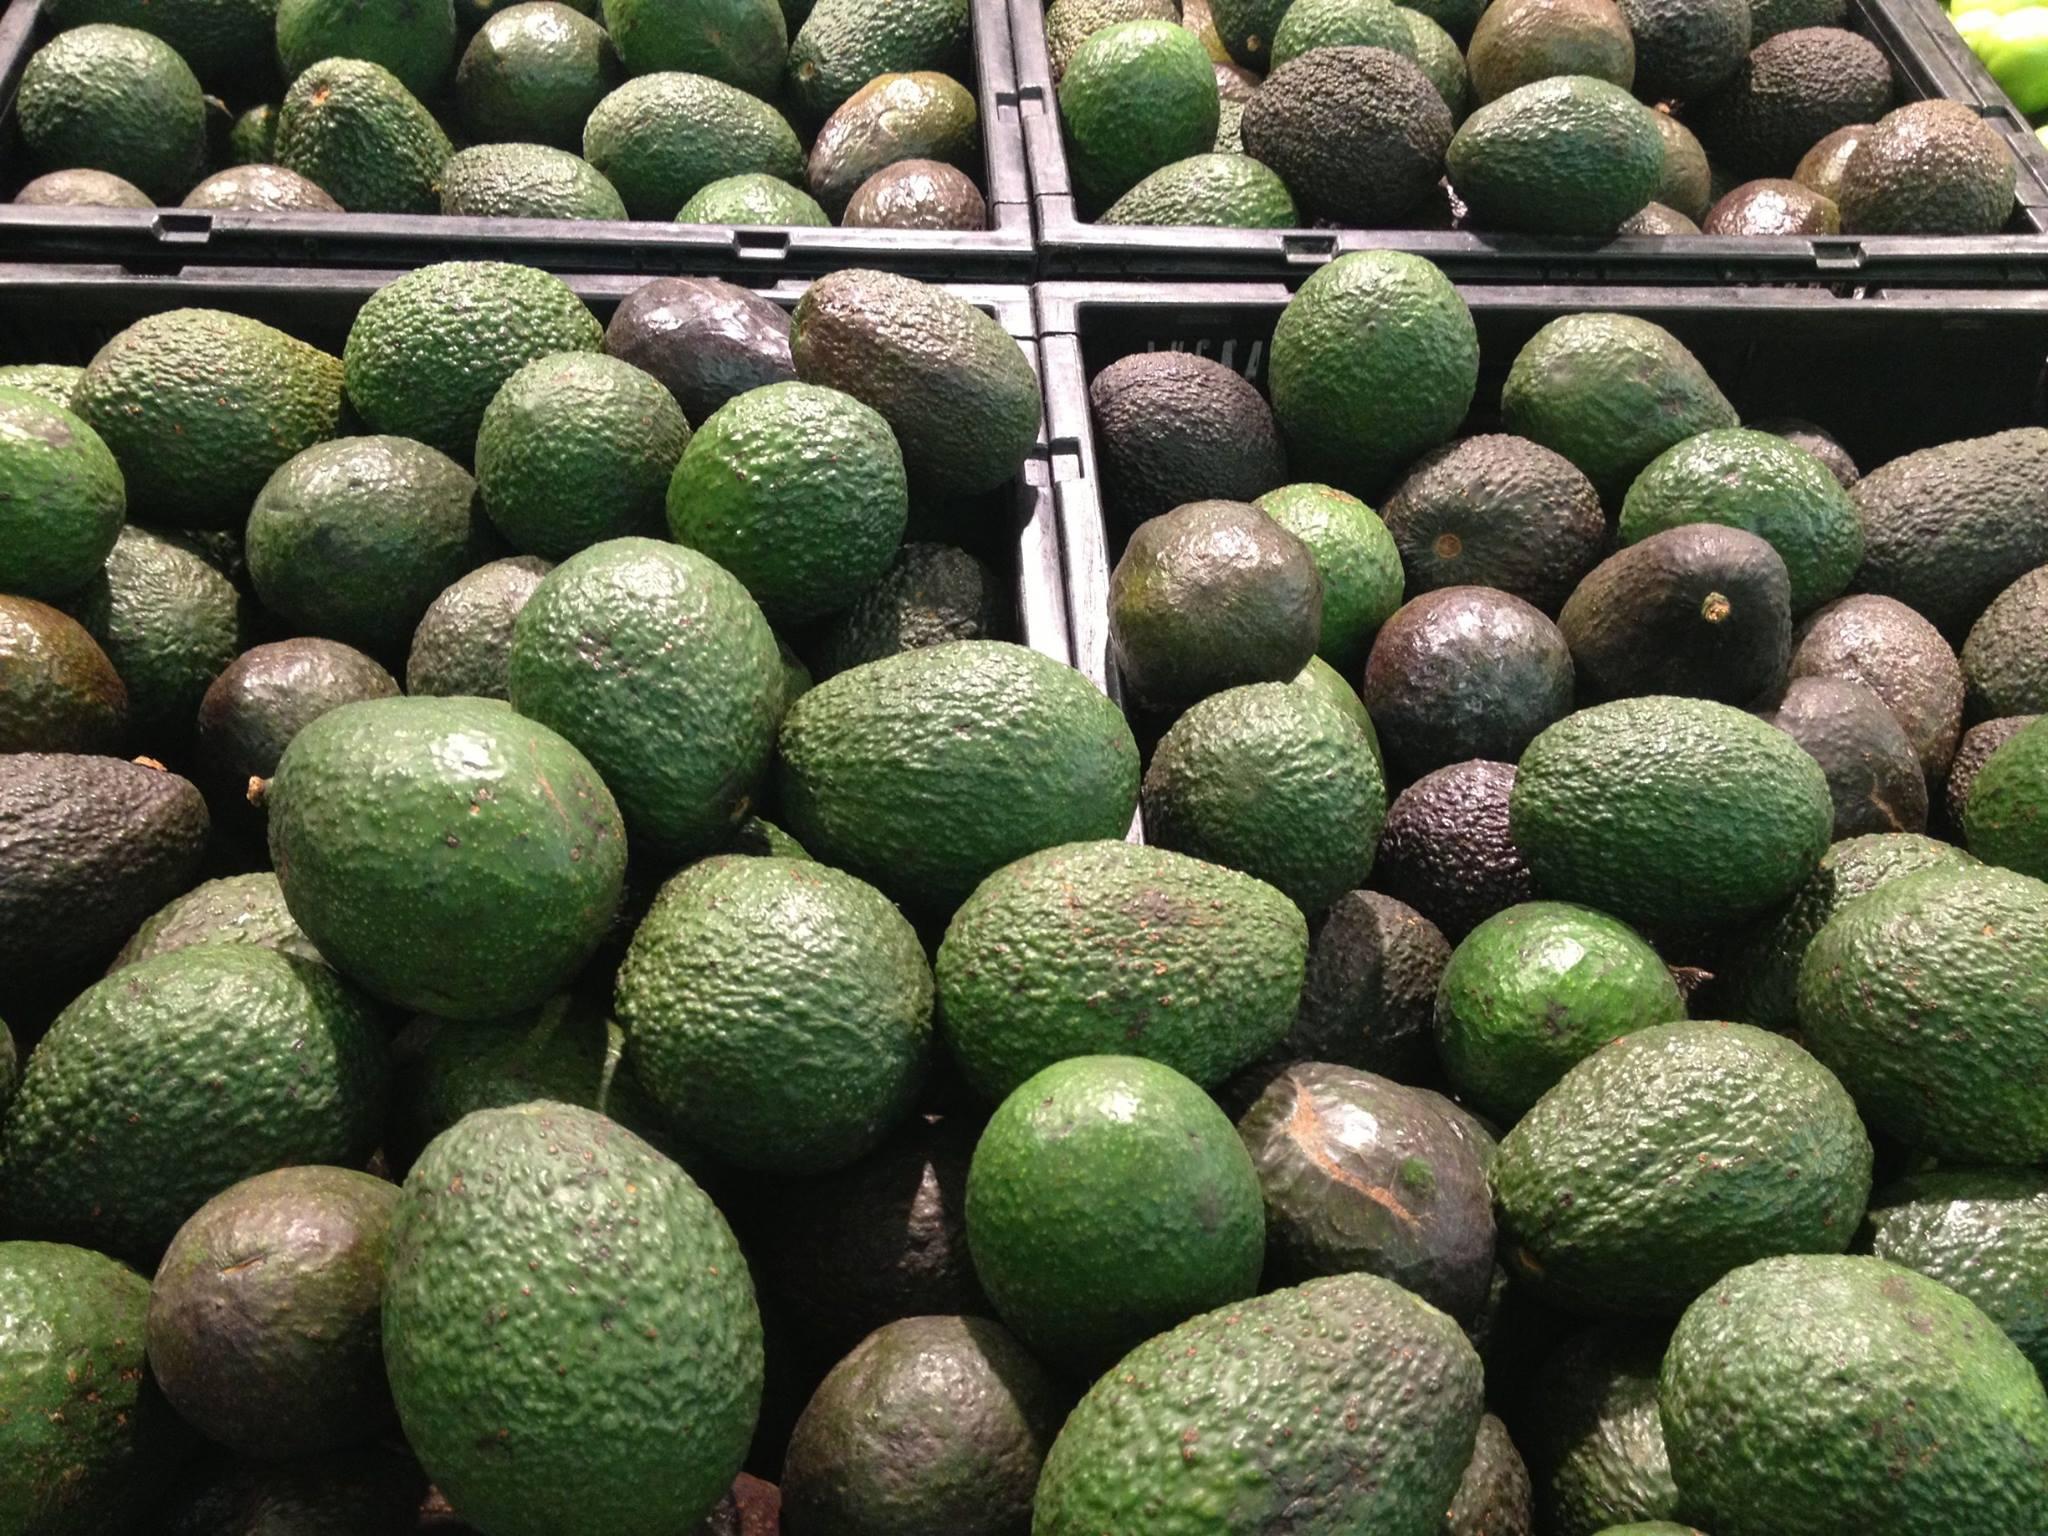 Razones por las que el aguacate puede llegar a costar 63 pesos el kilo